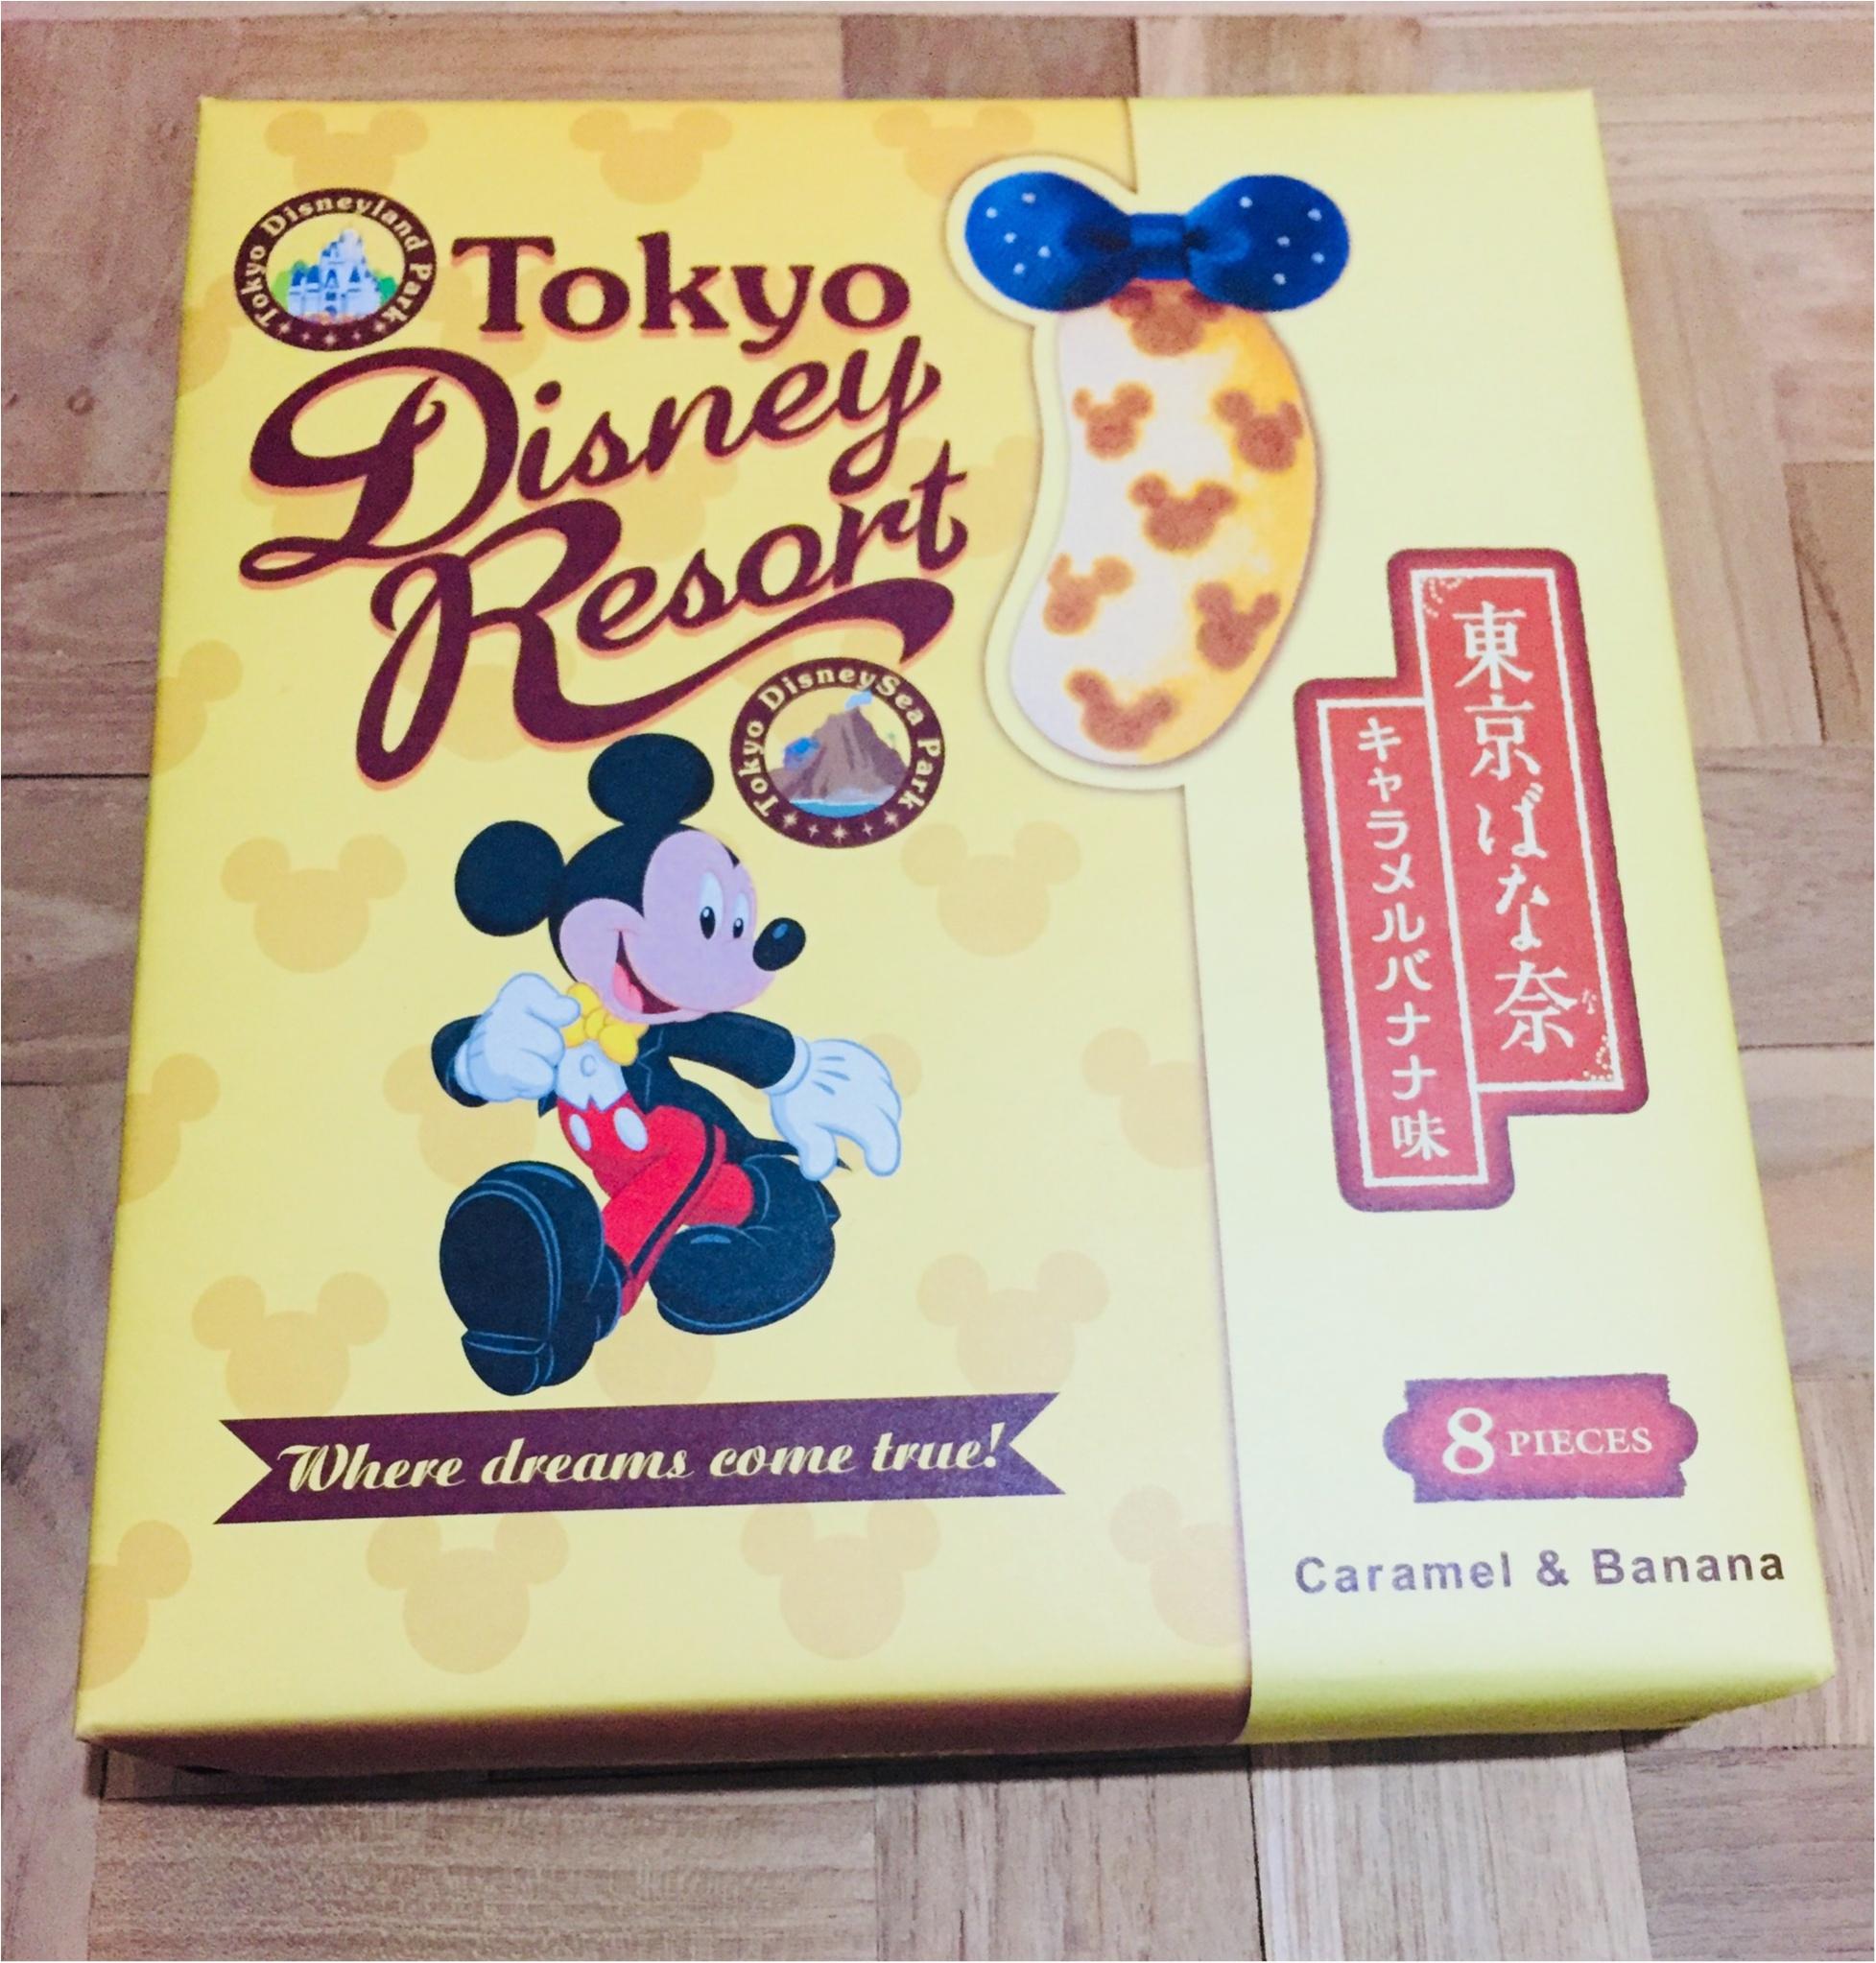 定番土産の【東京ばな奈】と【ミッキーマウス】がコラボしちゃった?!《 Disney Land 限定で購入出来るのでチェック☝︎★》_1